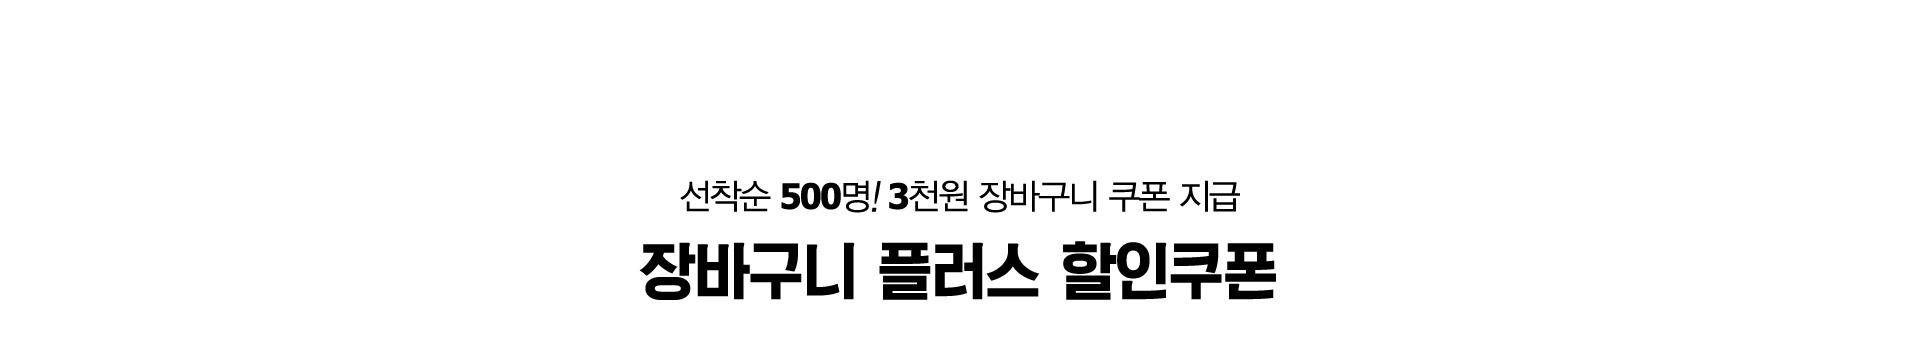 선착순 500명!3천원 할인쿠폰지급 밴드/쿨밴드 장바구니 쿠폰